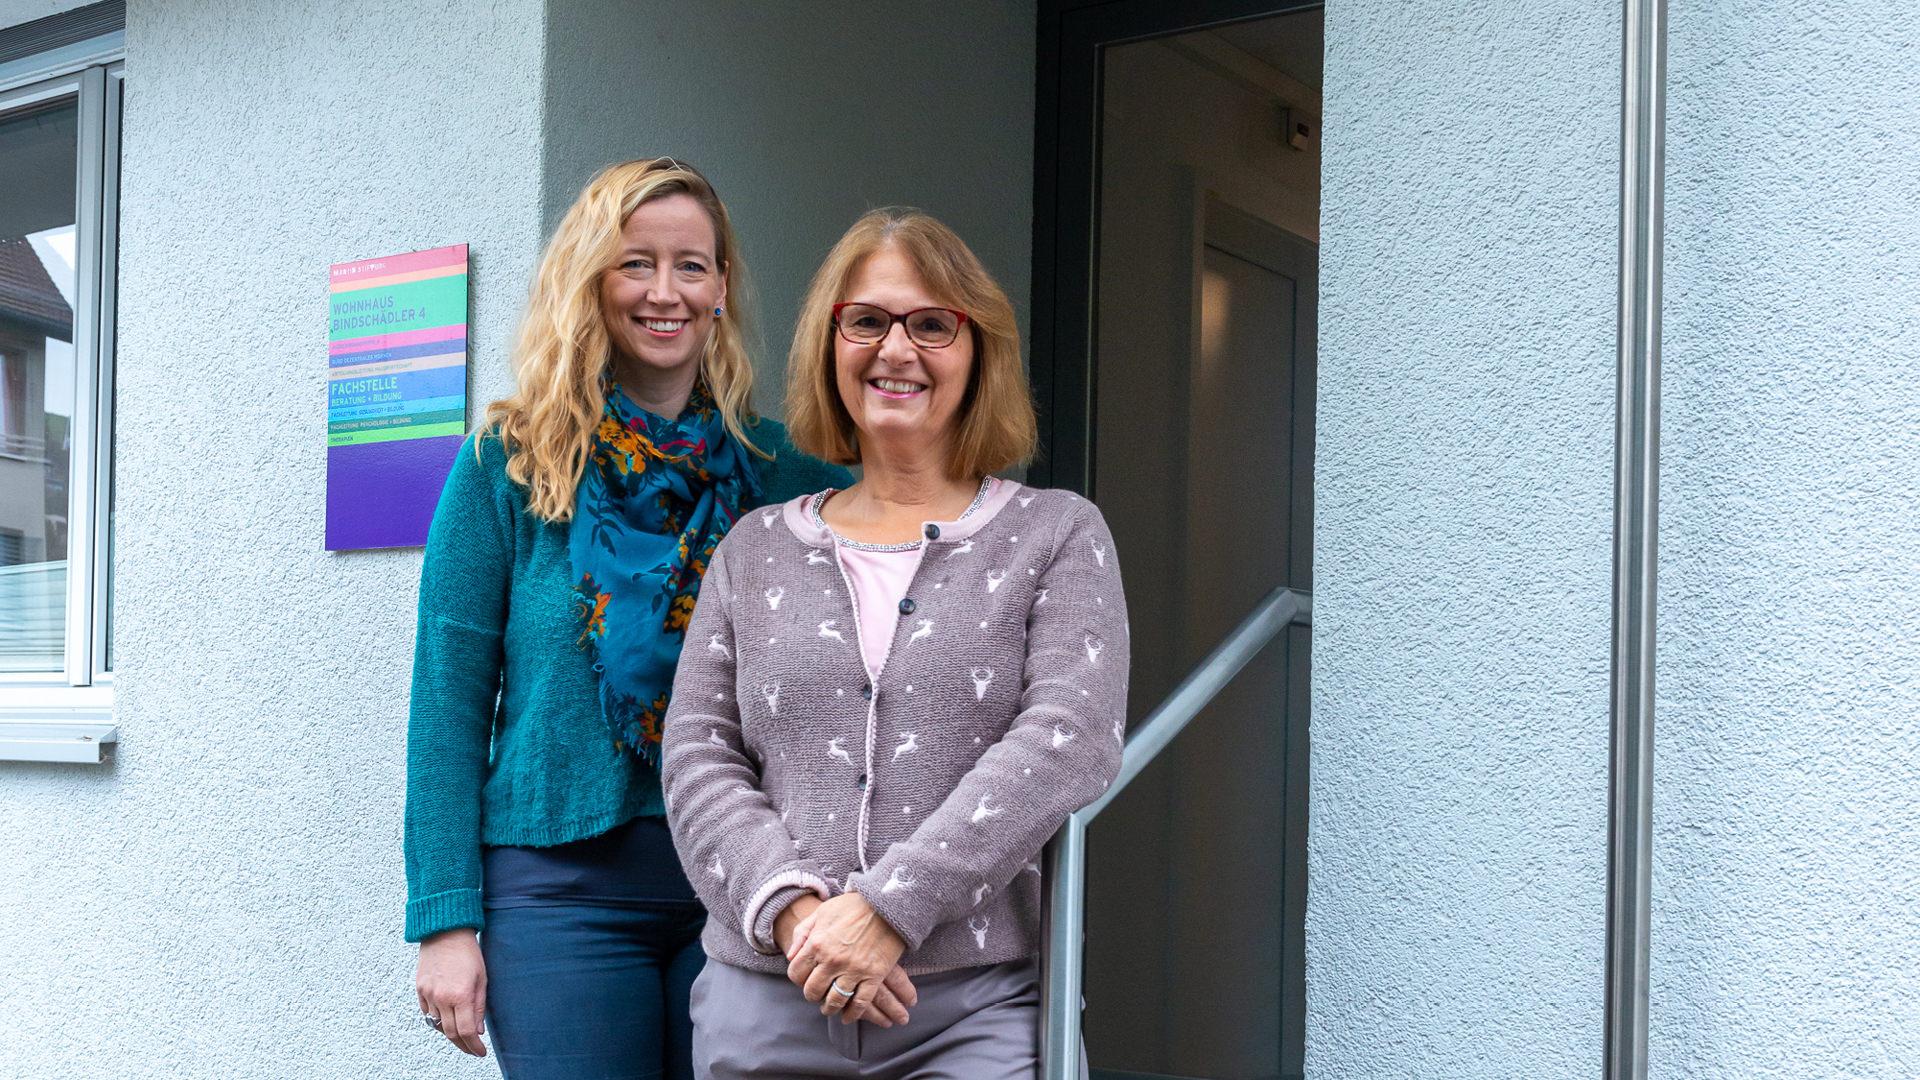 Julia Backe und Beatrix Zeidler am Eingang der Fachstelle Beratung und Bildung.